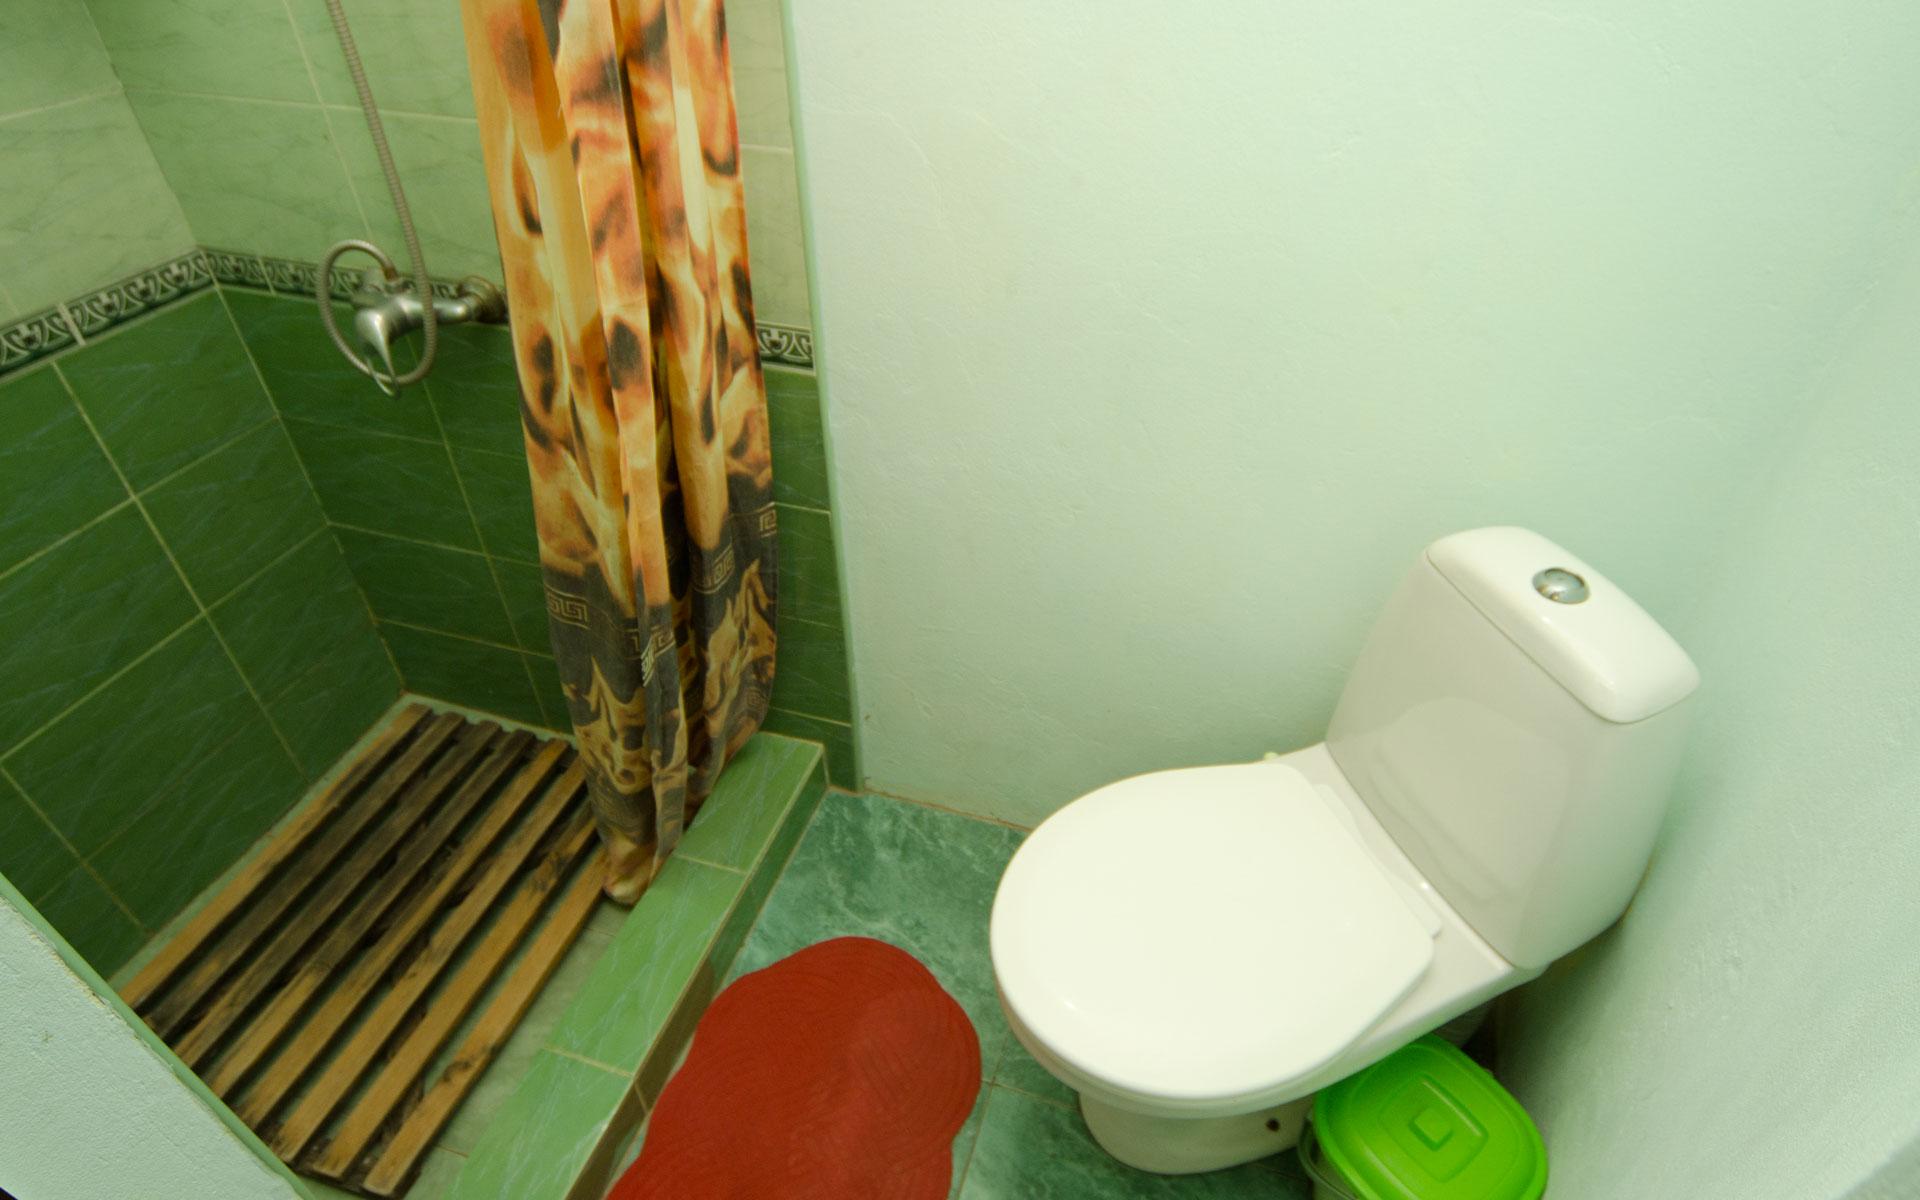 Душ, туалет. Второй домик. Два домика. Заозёрное